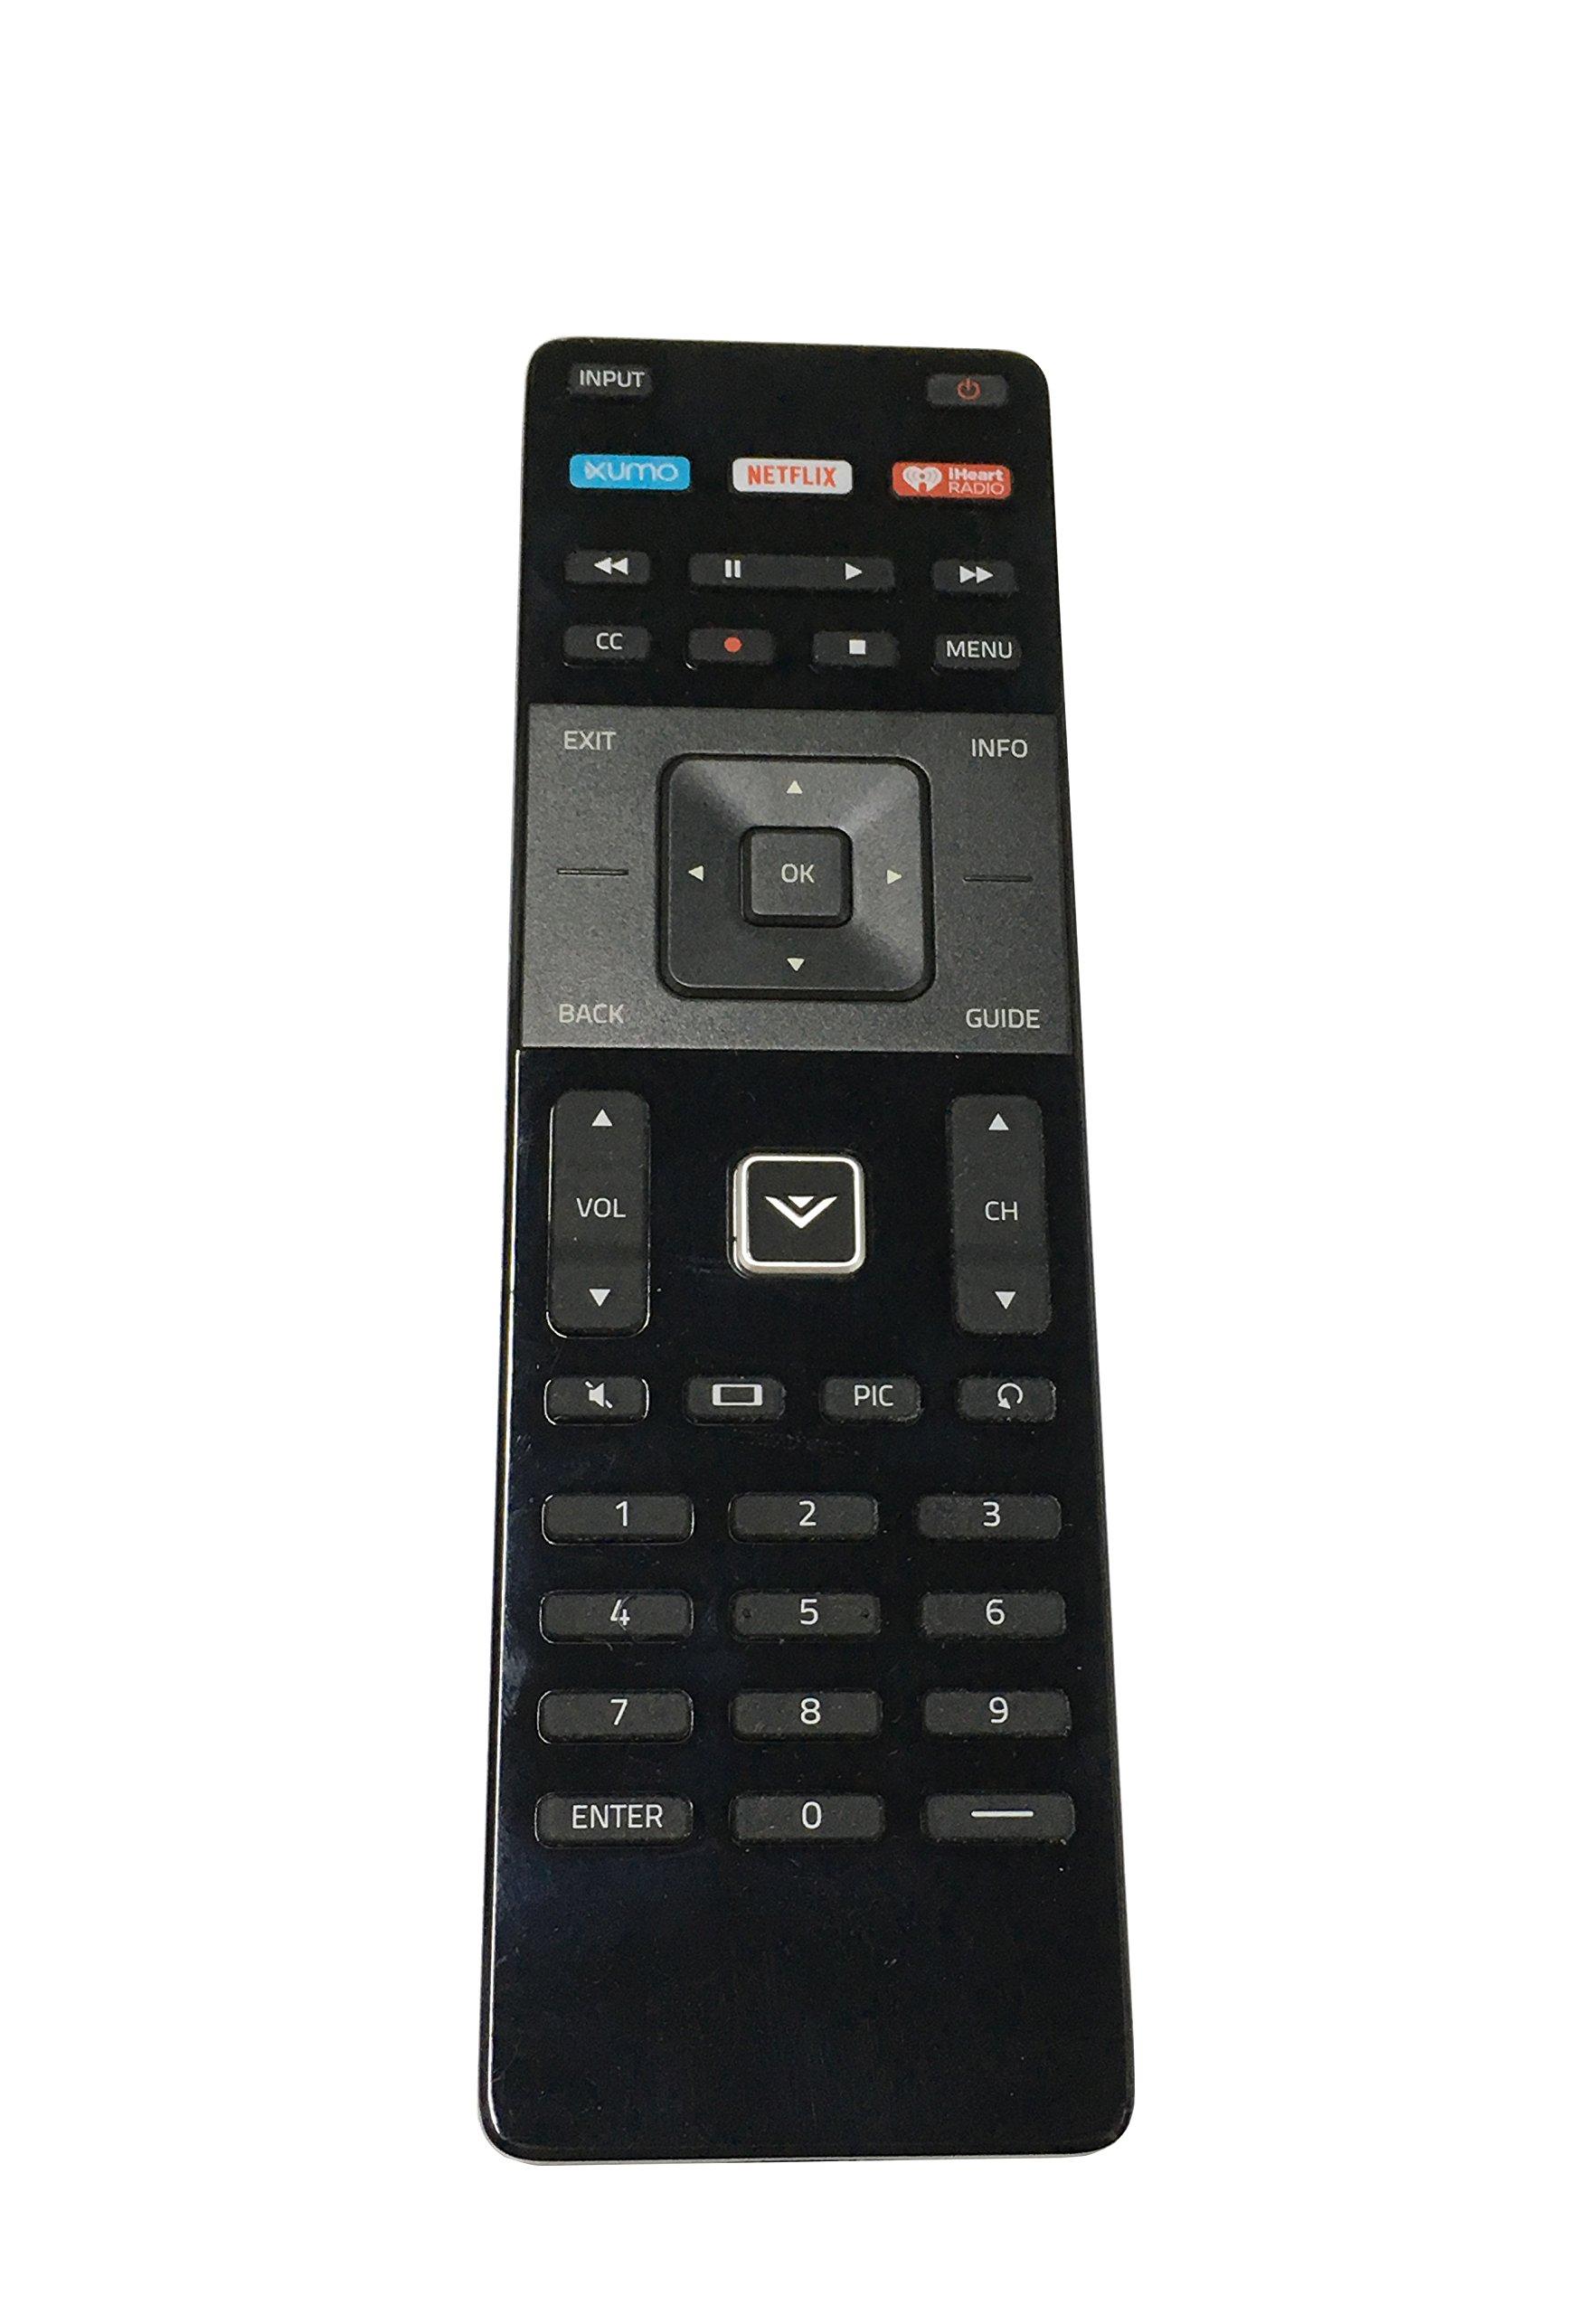 New Remote Controller XRT122 fit for VIZIO Smart TV D32-D1 D32H-D1 D32X-D1 D39H-D0 D40-D1 D40U-D1 D55U-D1 D58U-D3 D60-D3 E32H-C1 E40-C2 E40X-C2 E43-C2 E48-C2 E50-C1 E55-C1 E65-C3 E65X-C2 E70-C3